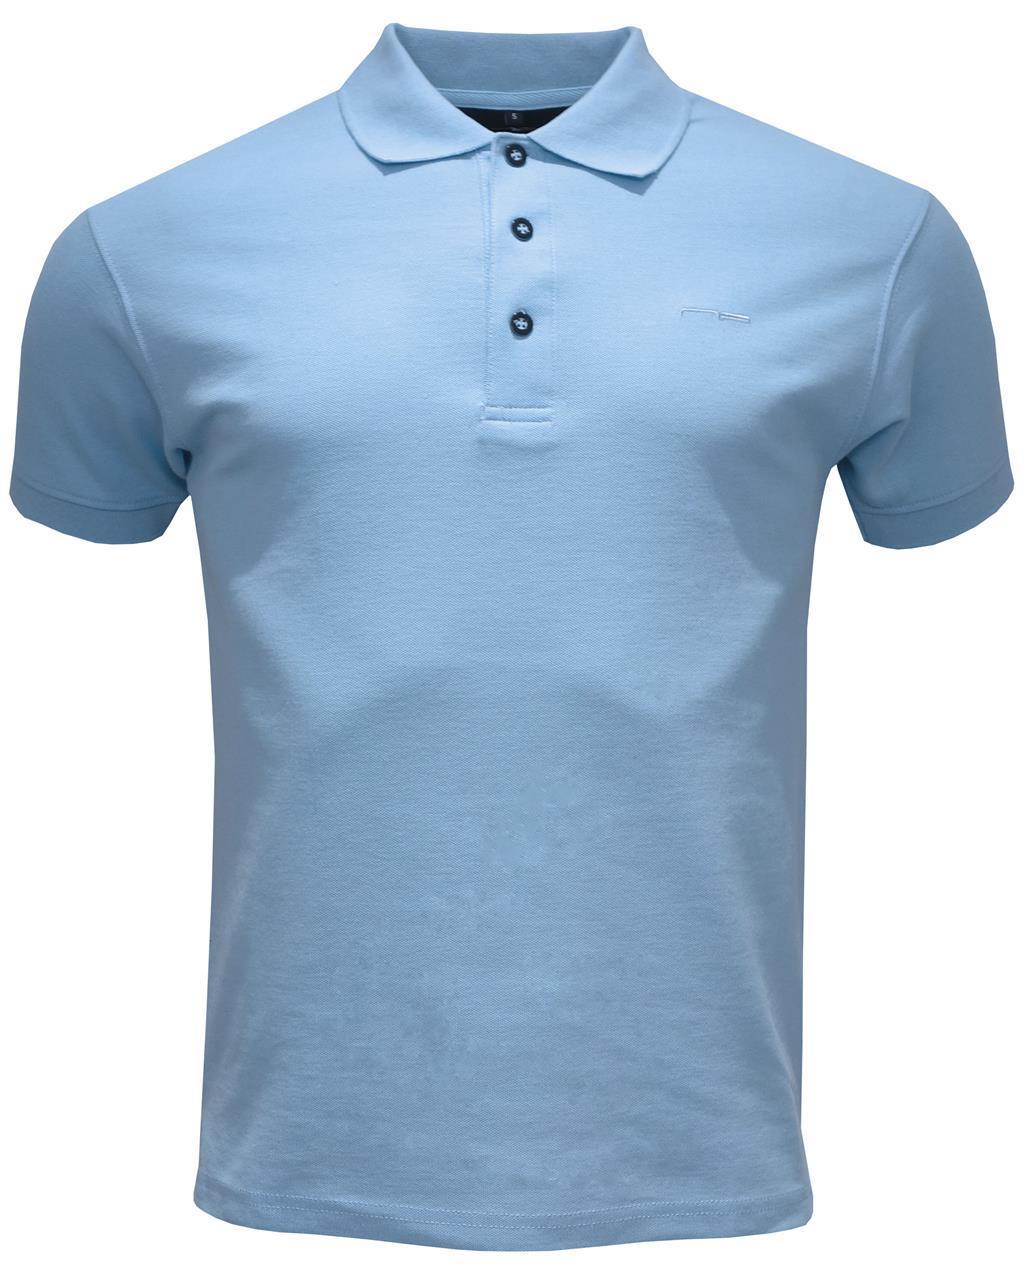 Shirt 1673 Light Blue XL